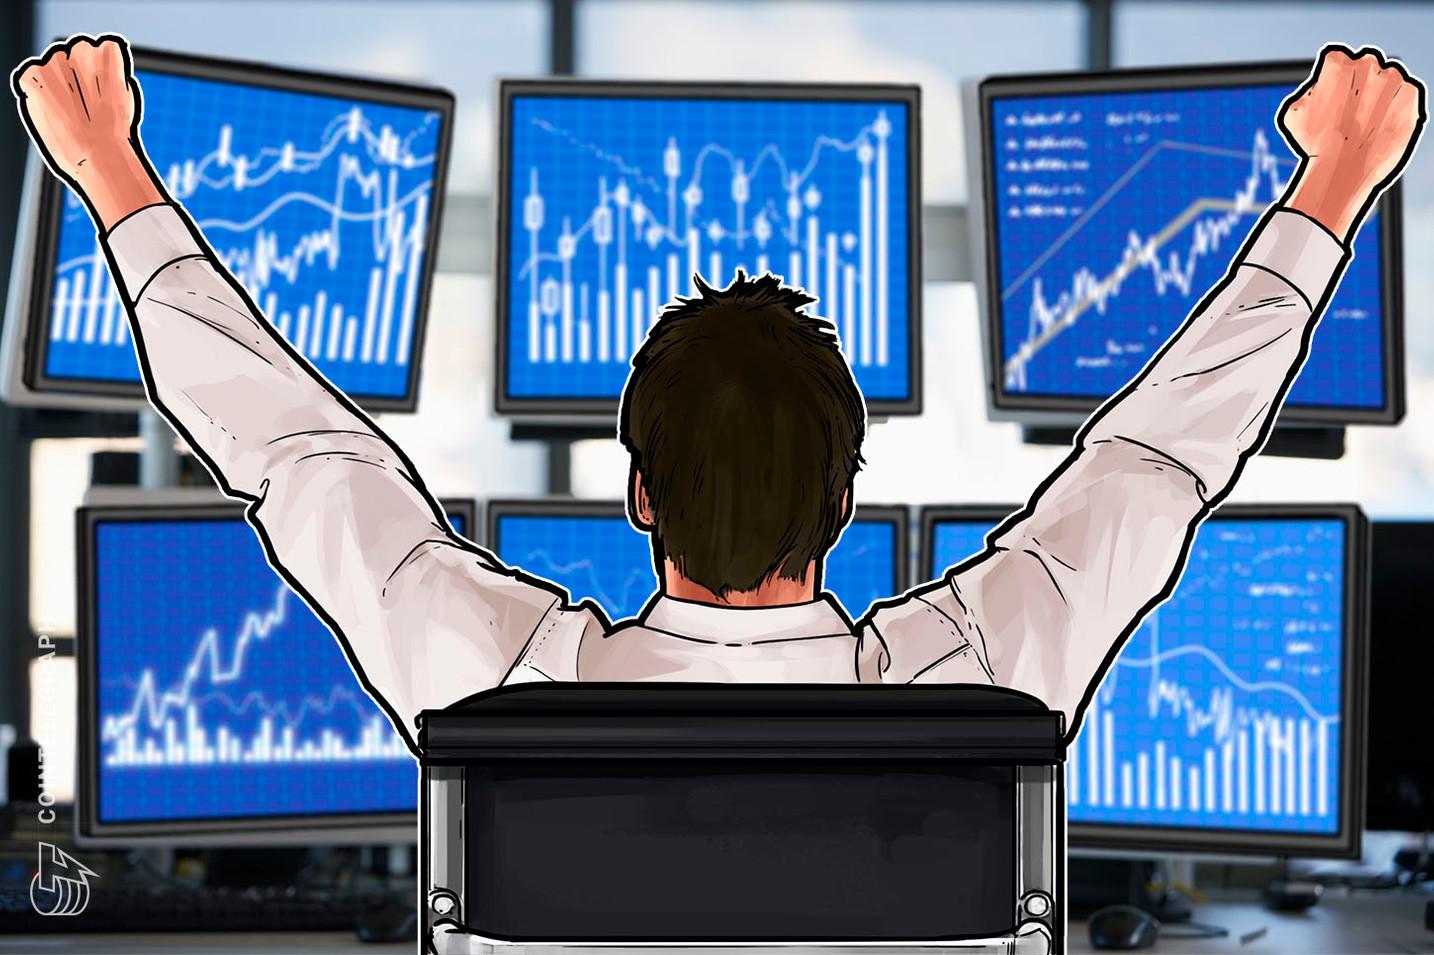 仮想通貨取引プラットフォームeToro、ブロックチェーンを活用したソーシャルプロジェクト発表、グローバルな経済格差に挑む